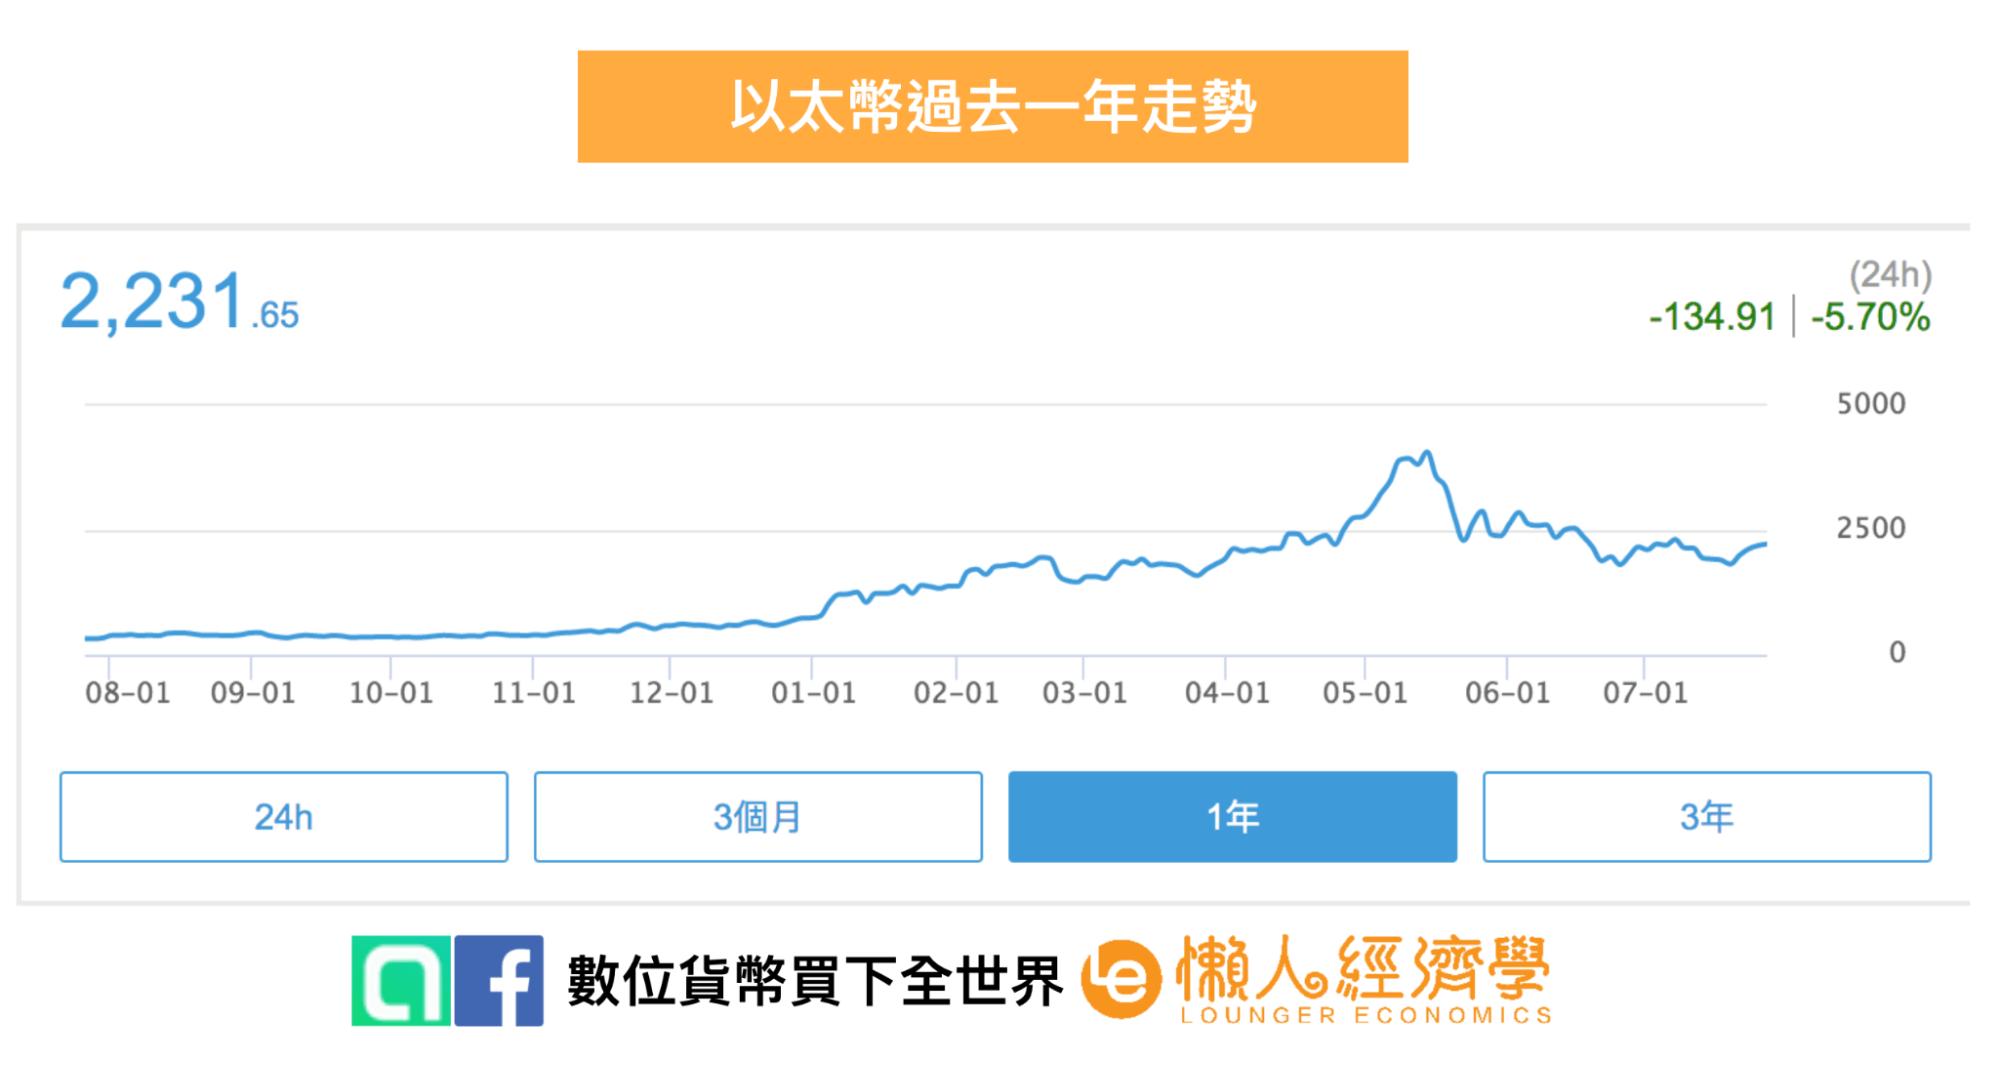 總結:以太幣的未來發展:以太幣過去一年走勢